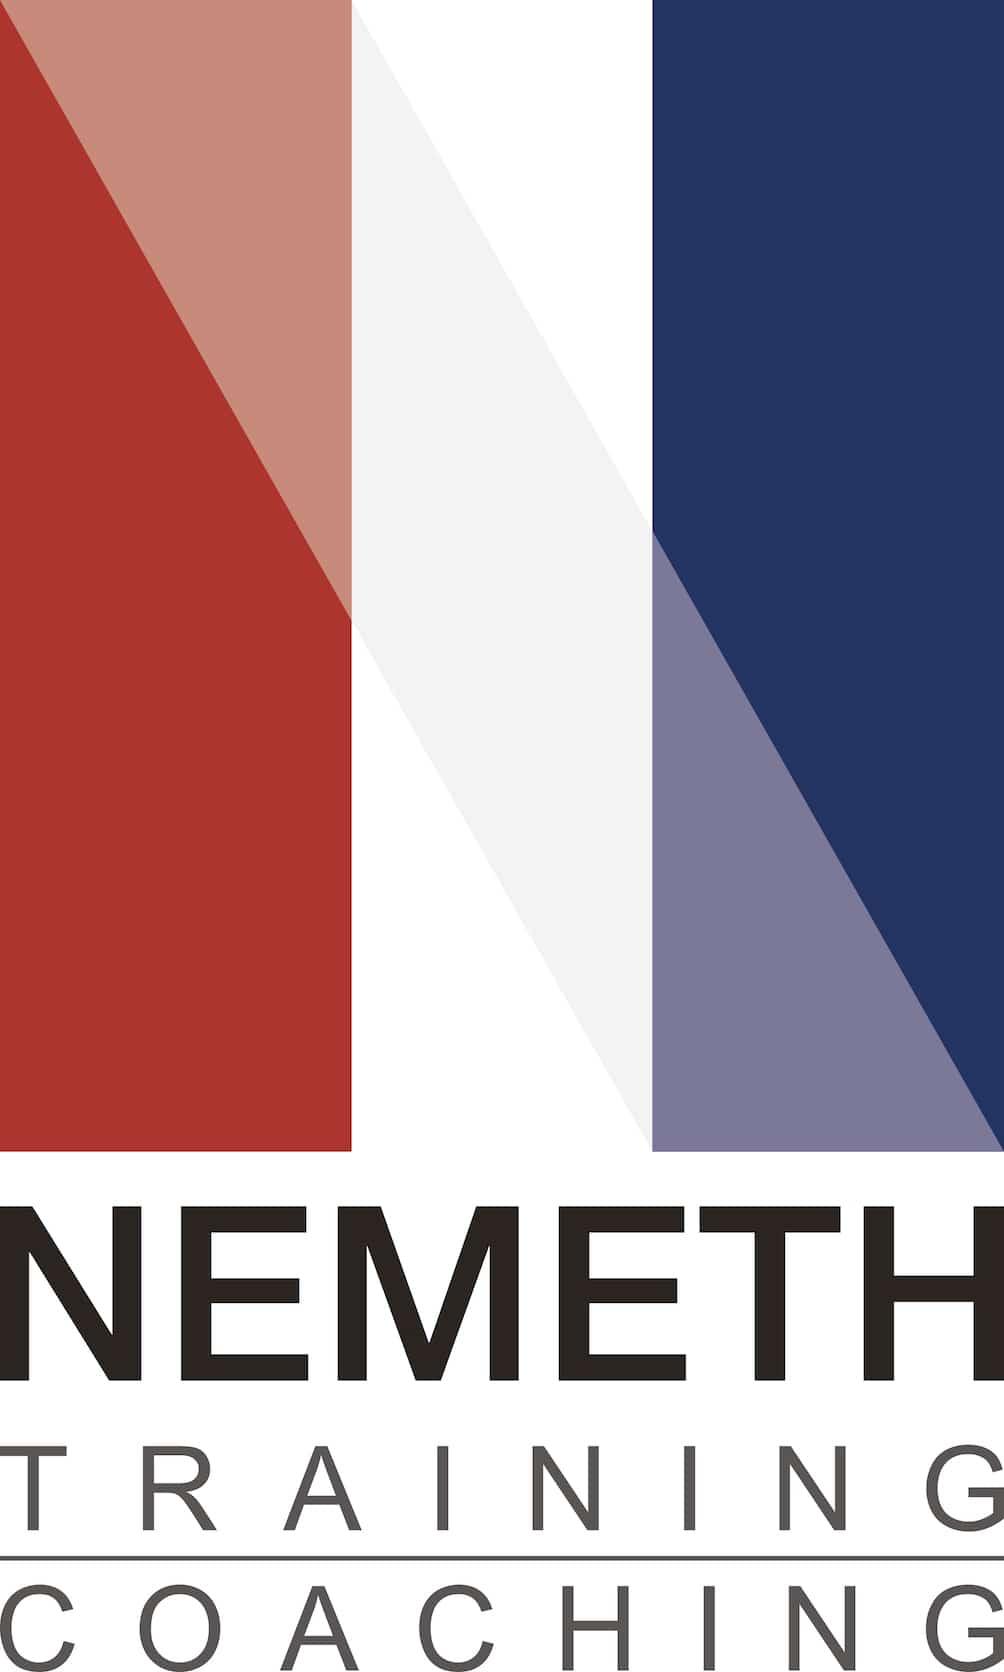 Nemeth Training+Coaching Logo